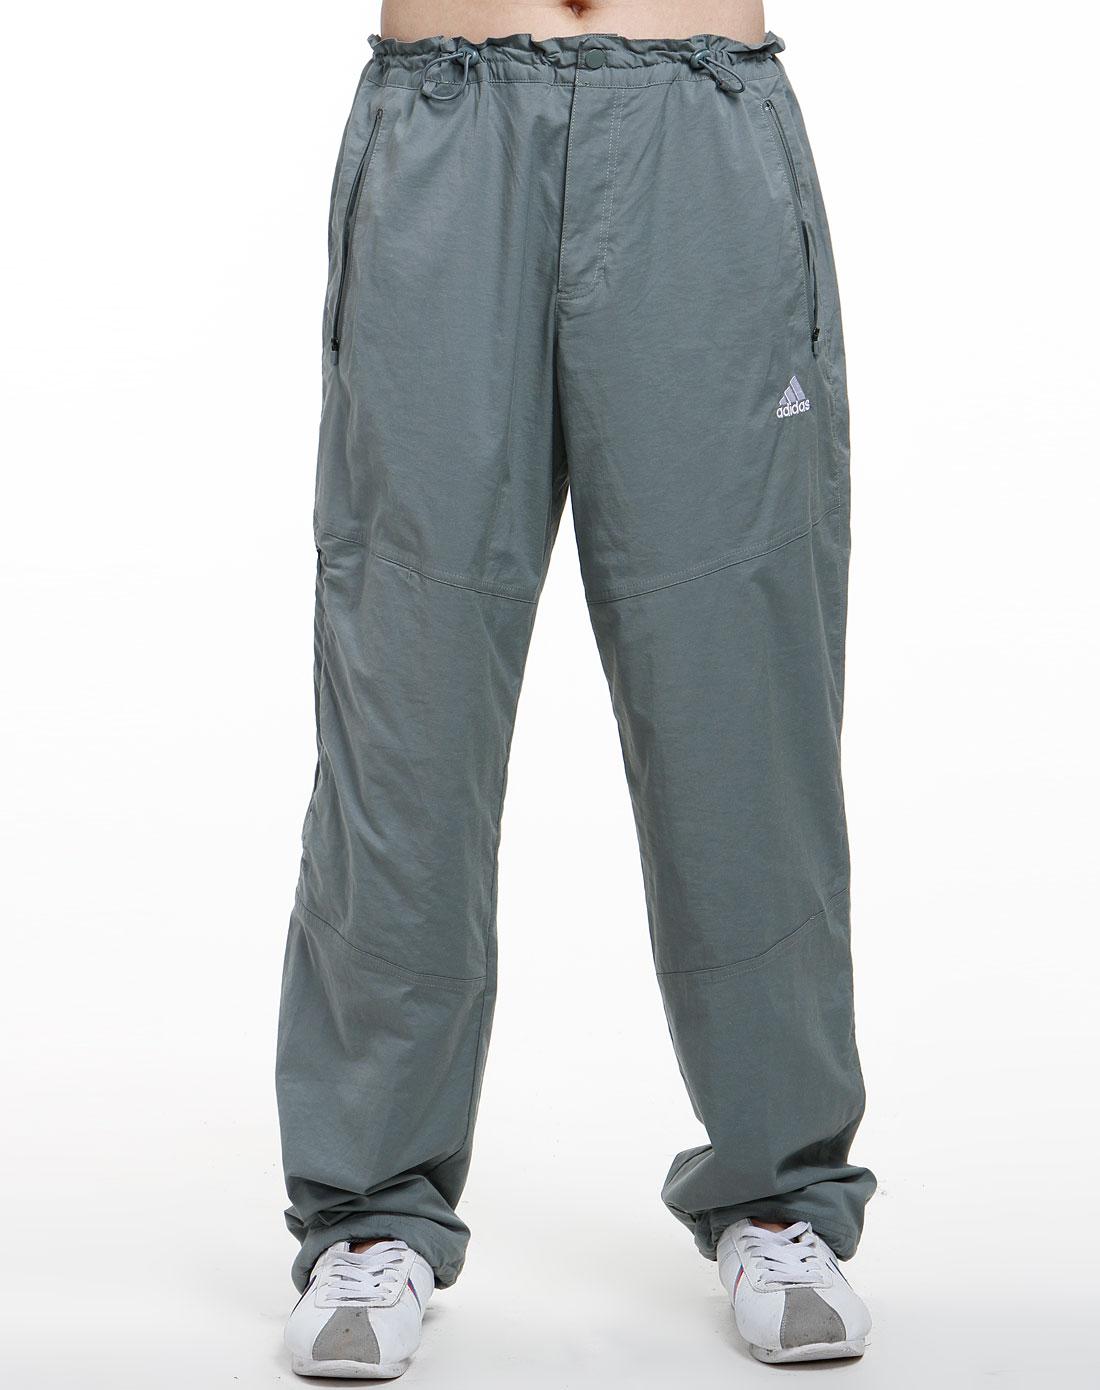 男款灰绿色休闲运动长裤094070